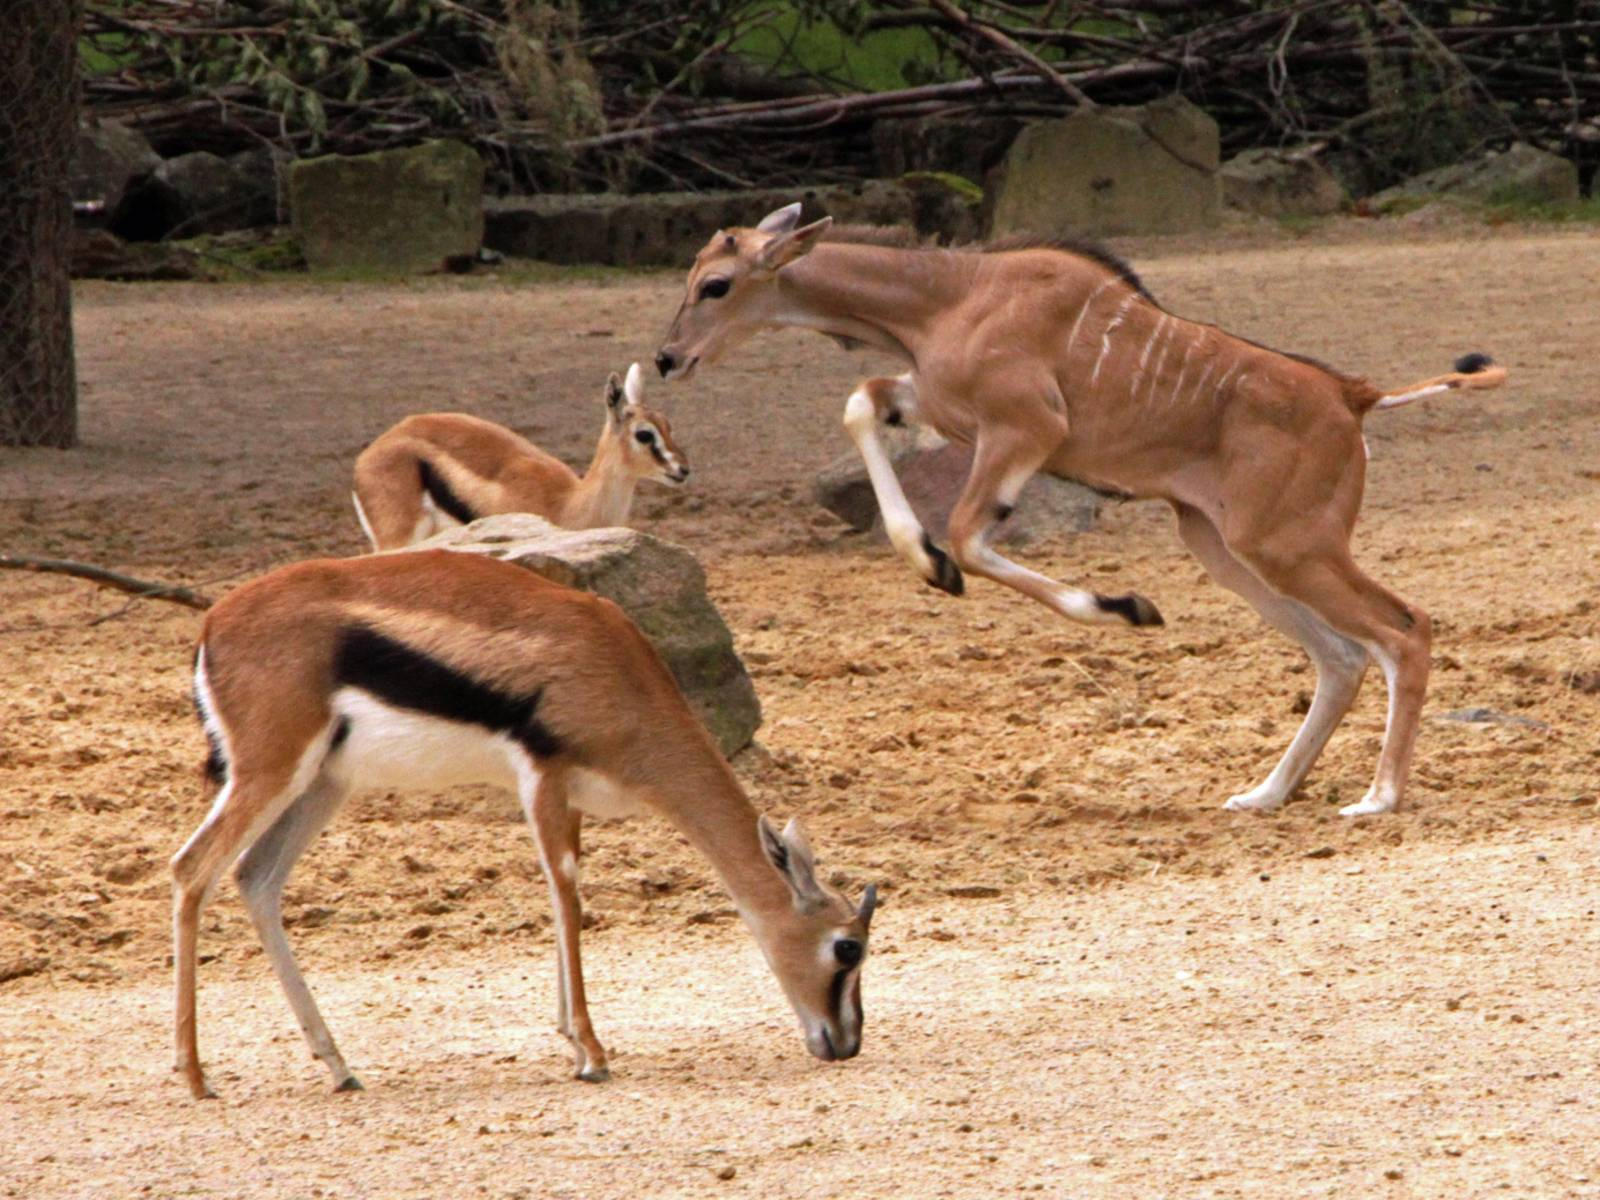 Kleine Elenantilope im Sprung.